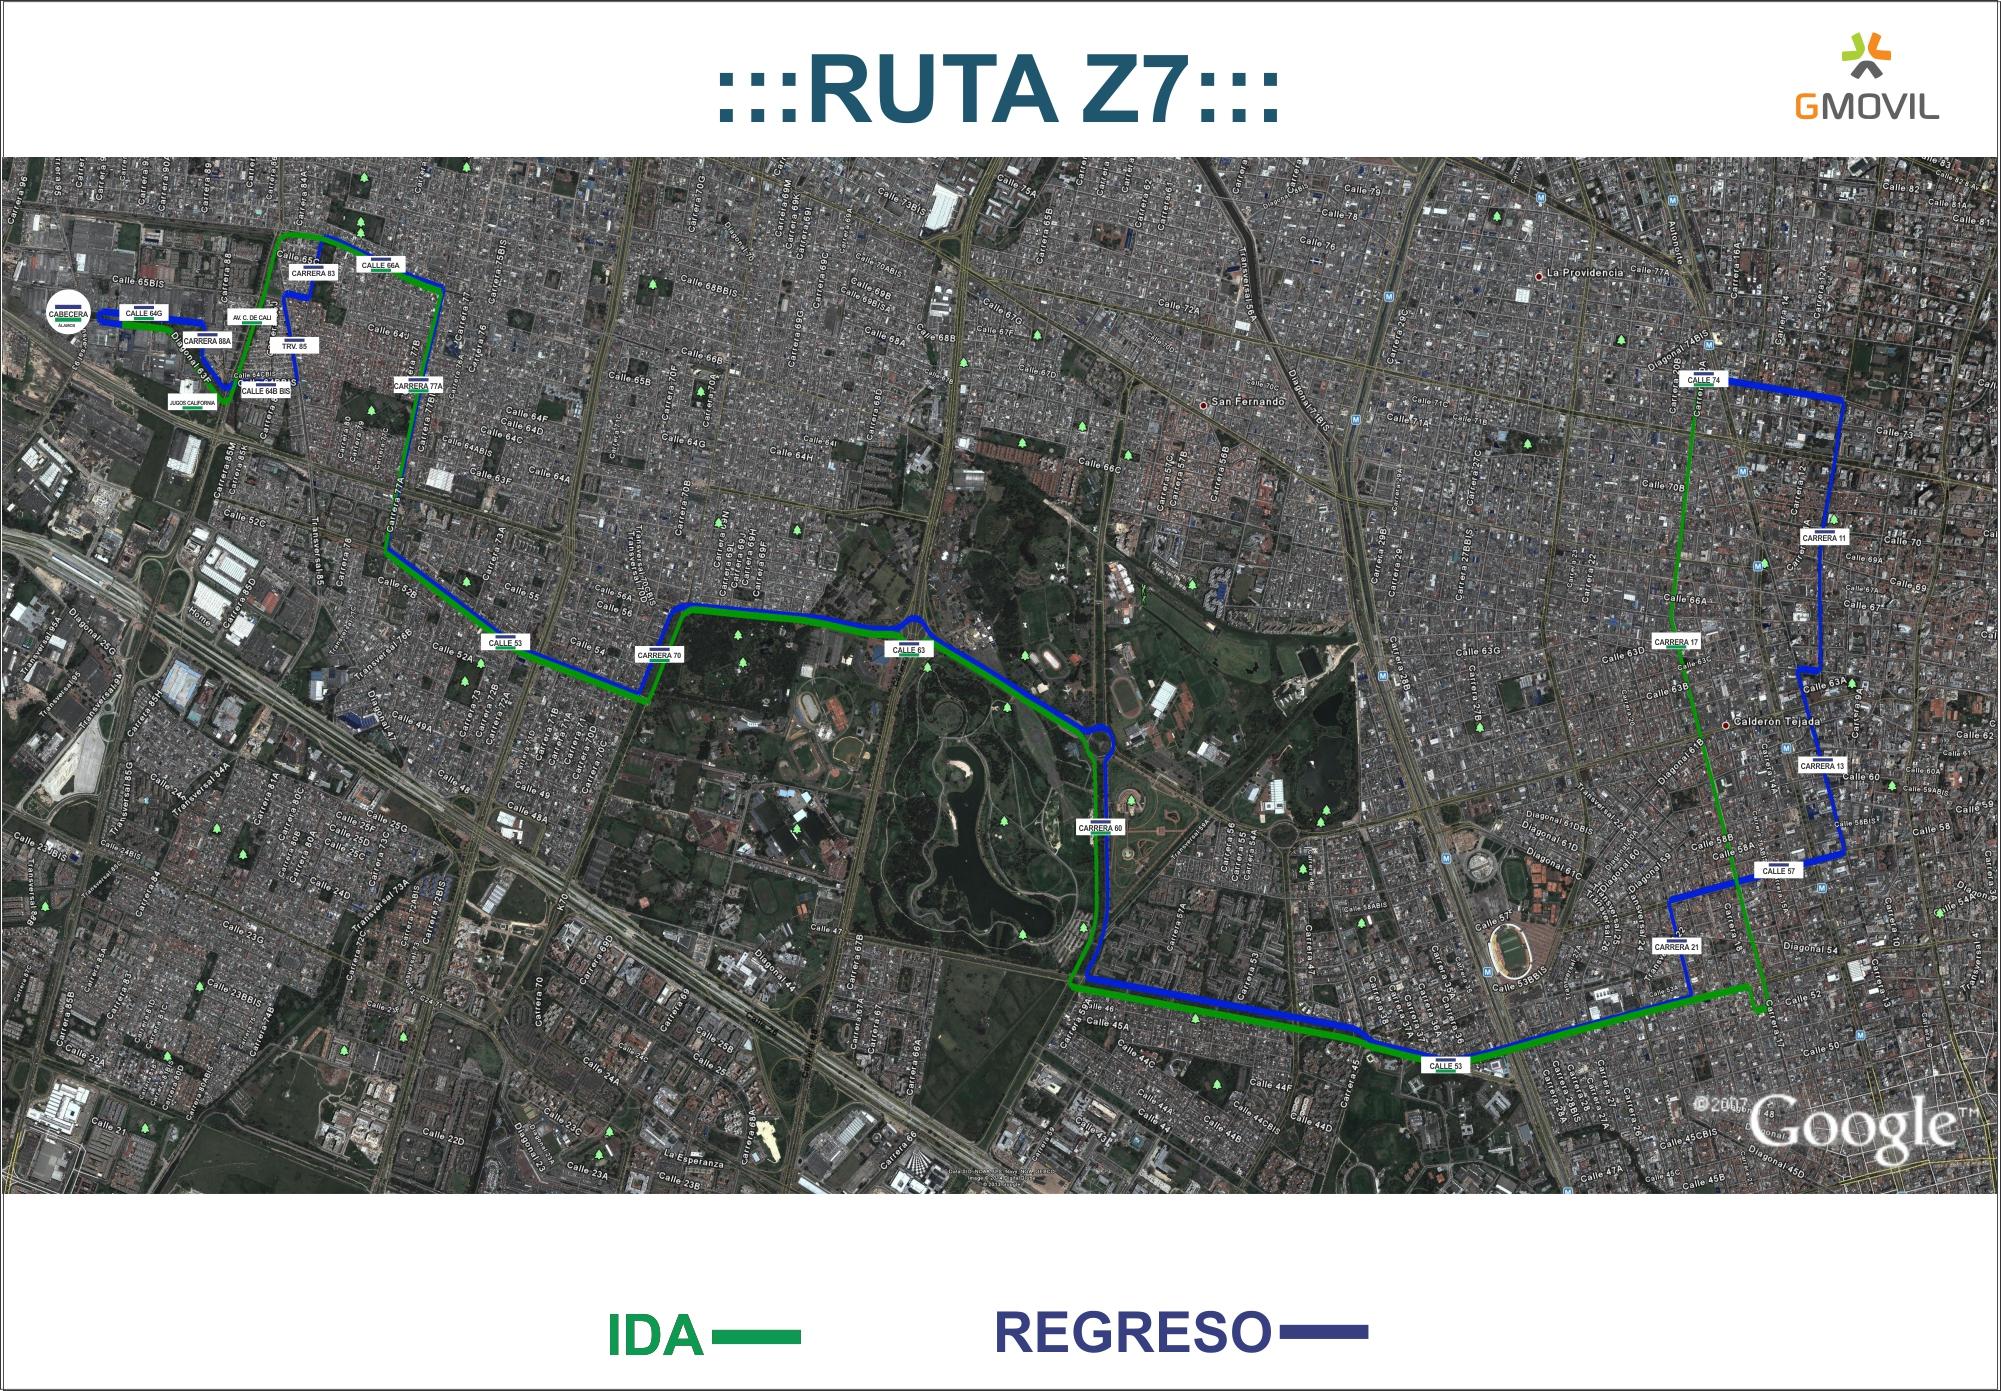 Ruta urbana Z7 - mapa aéreo